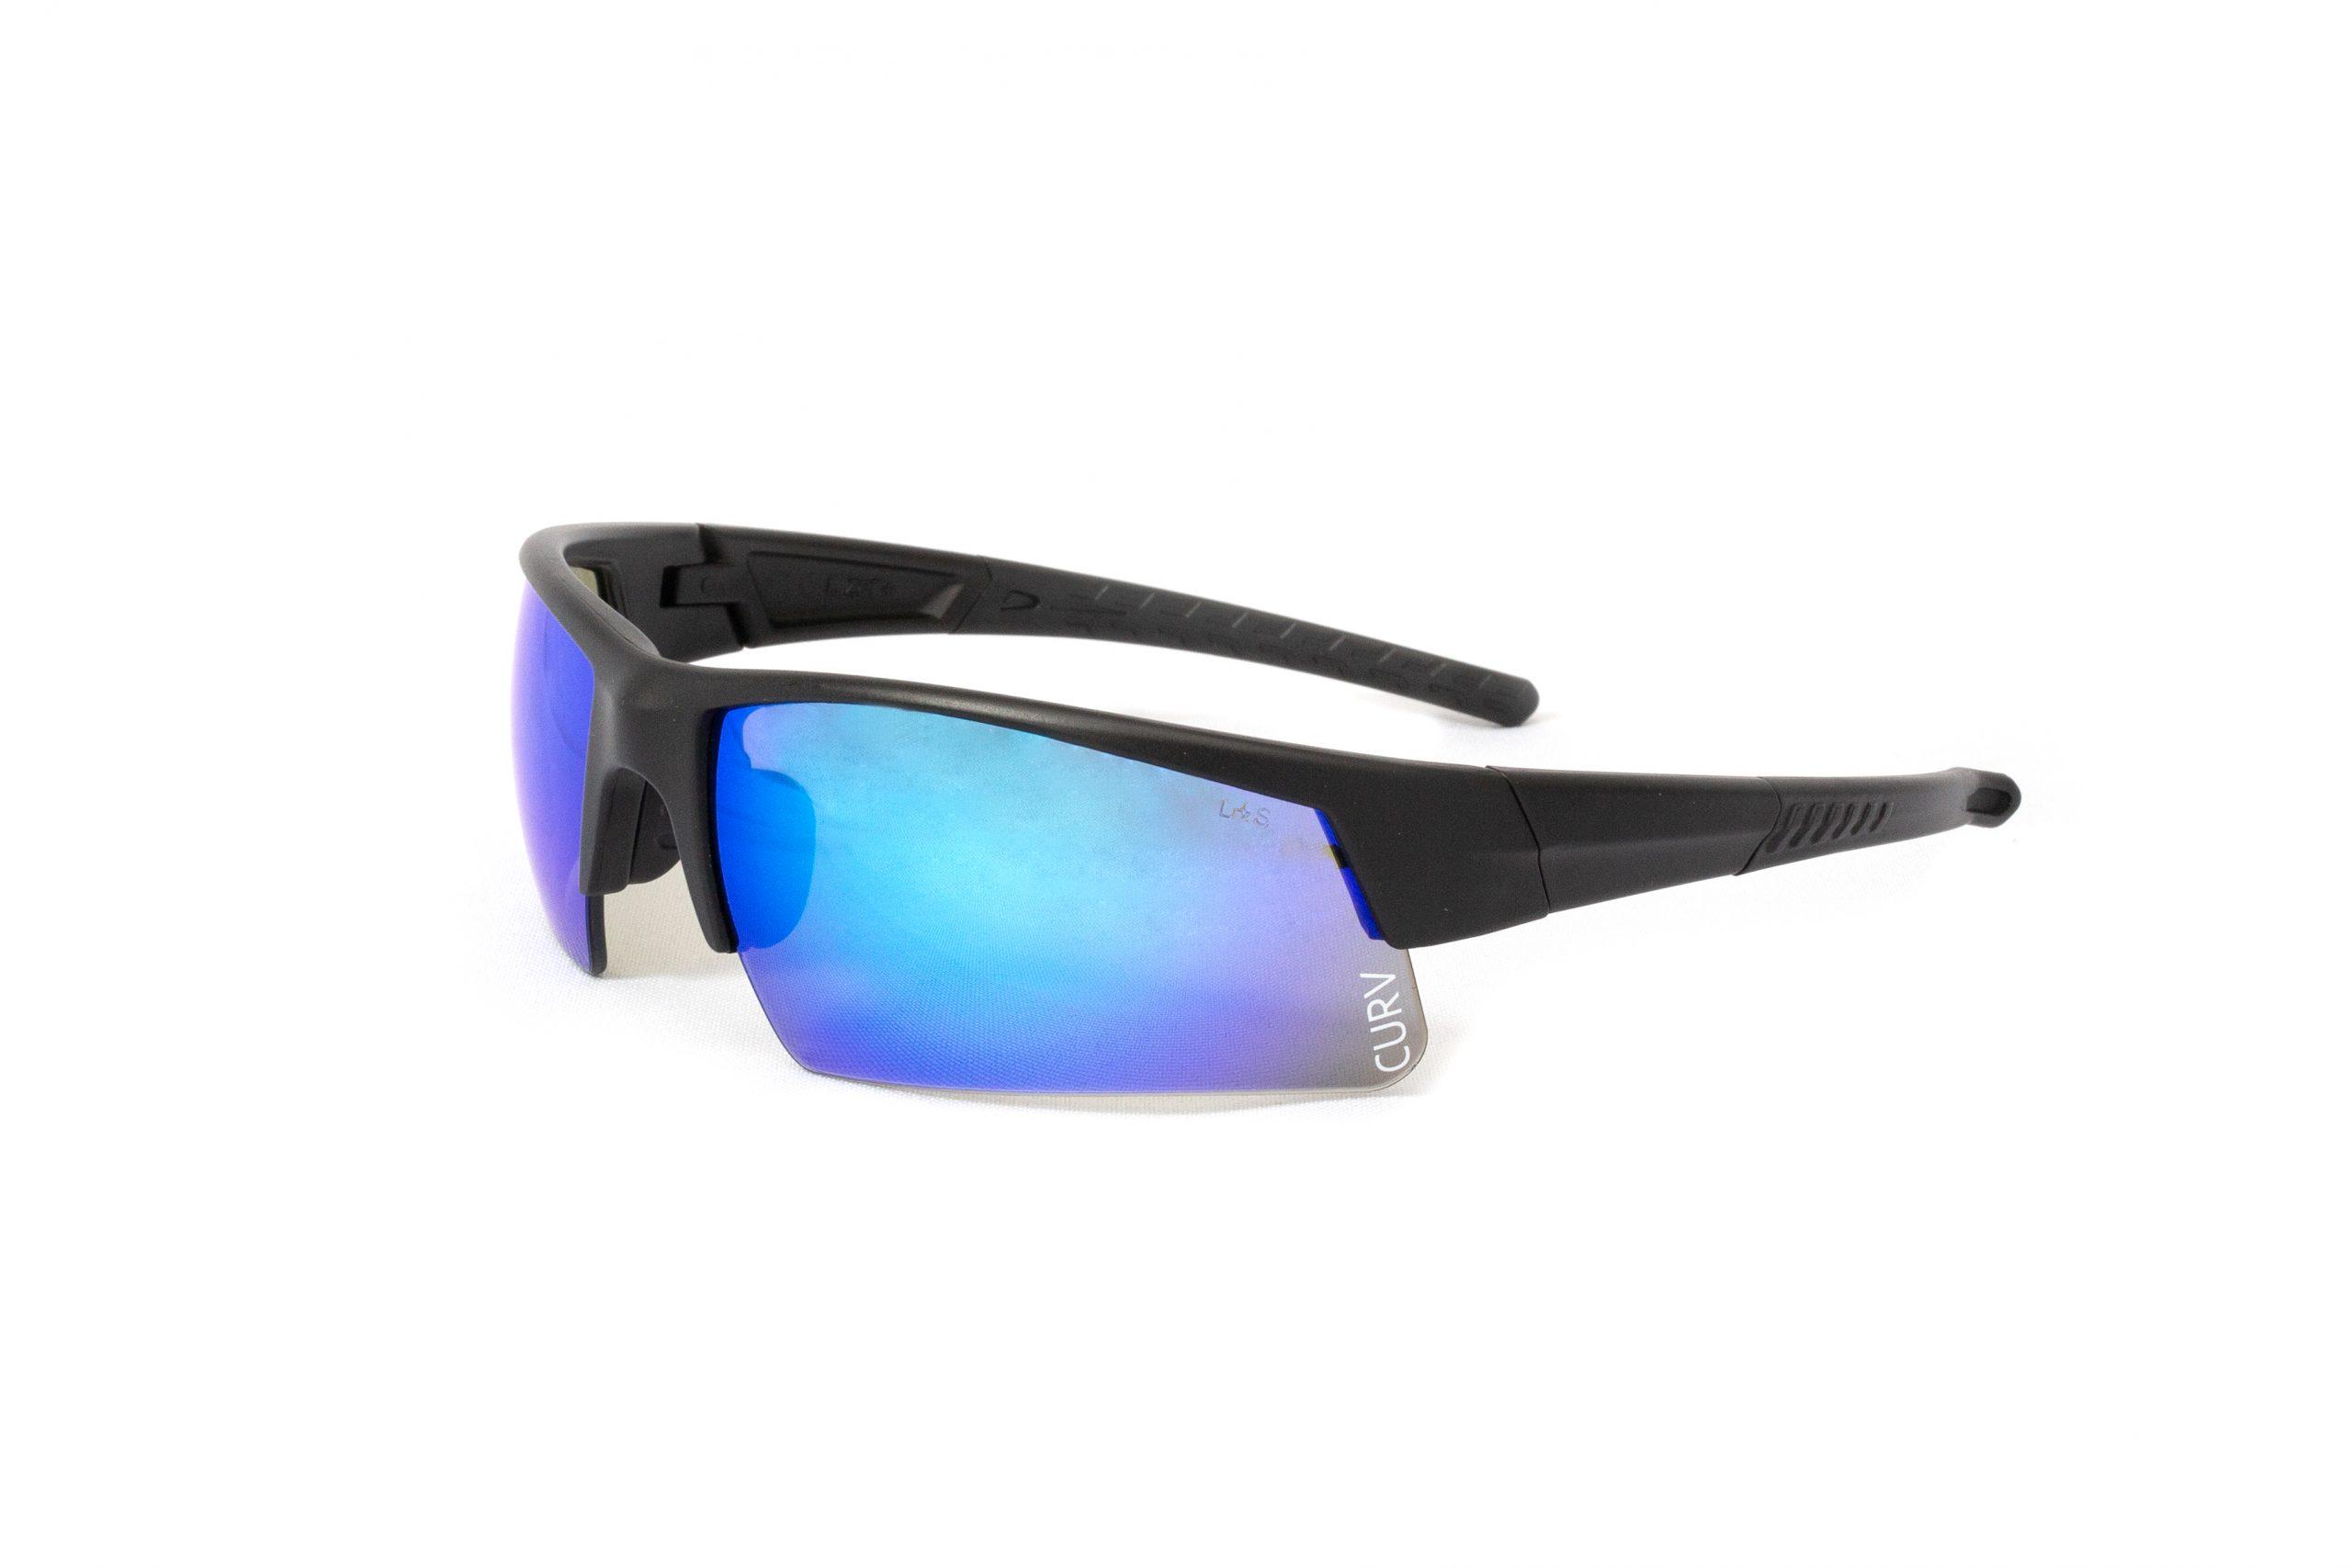 01-68 - Curv® - Matte Black Sport Frame with Half-Rim Blue Lenses